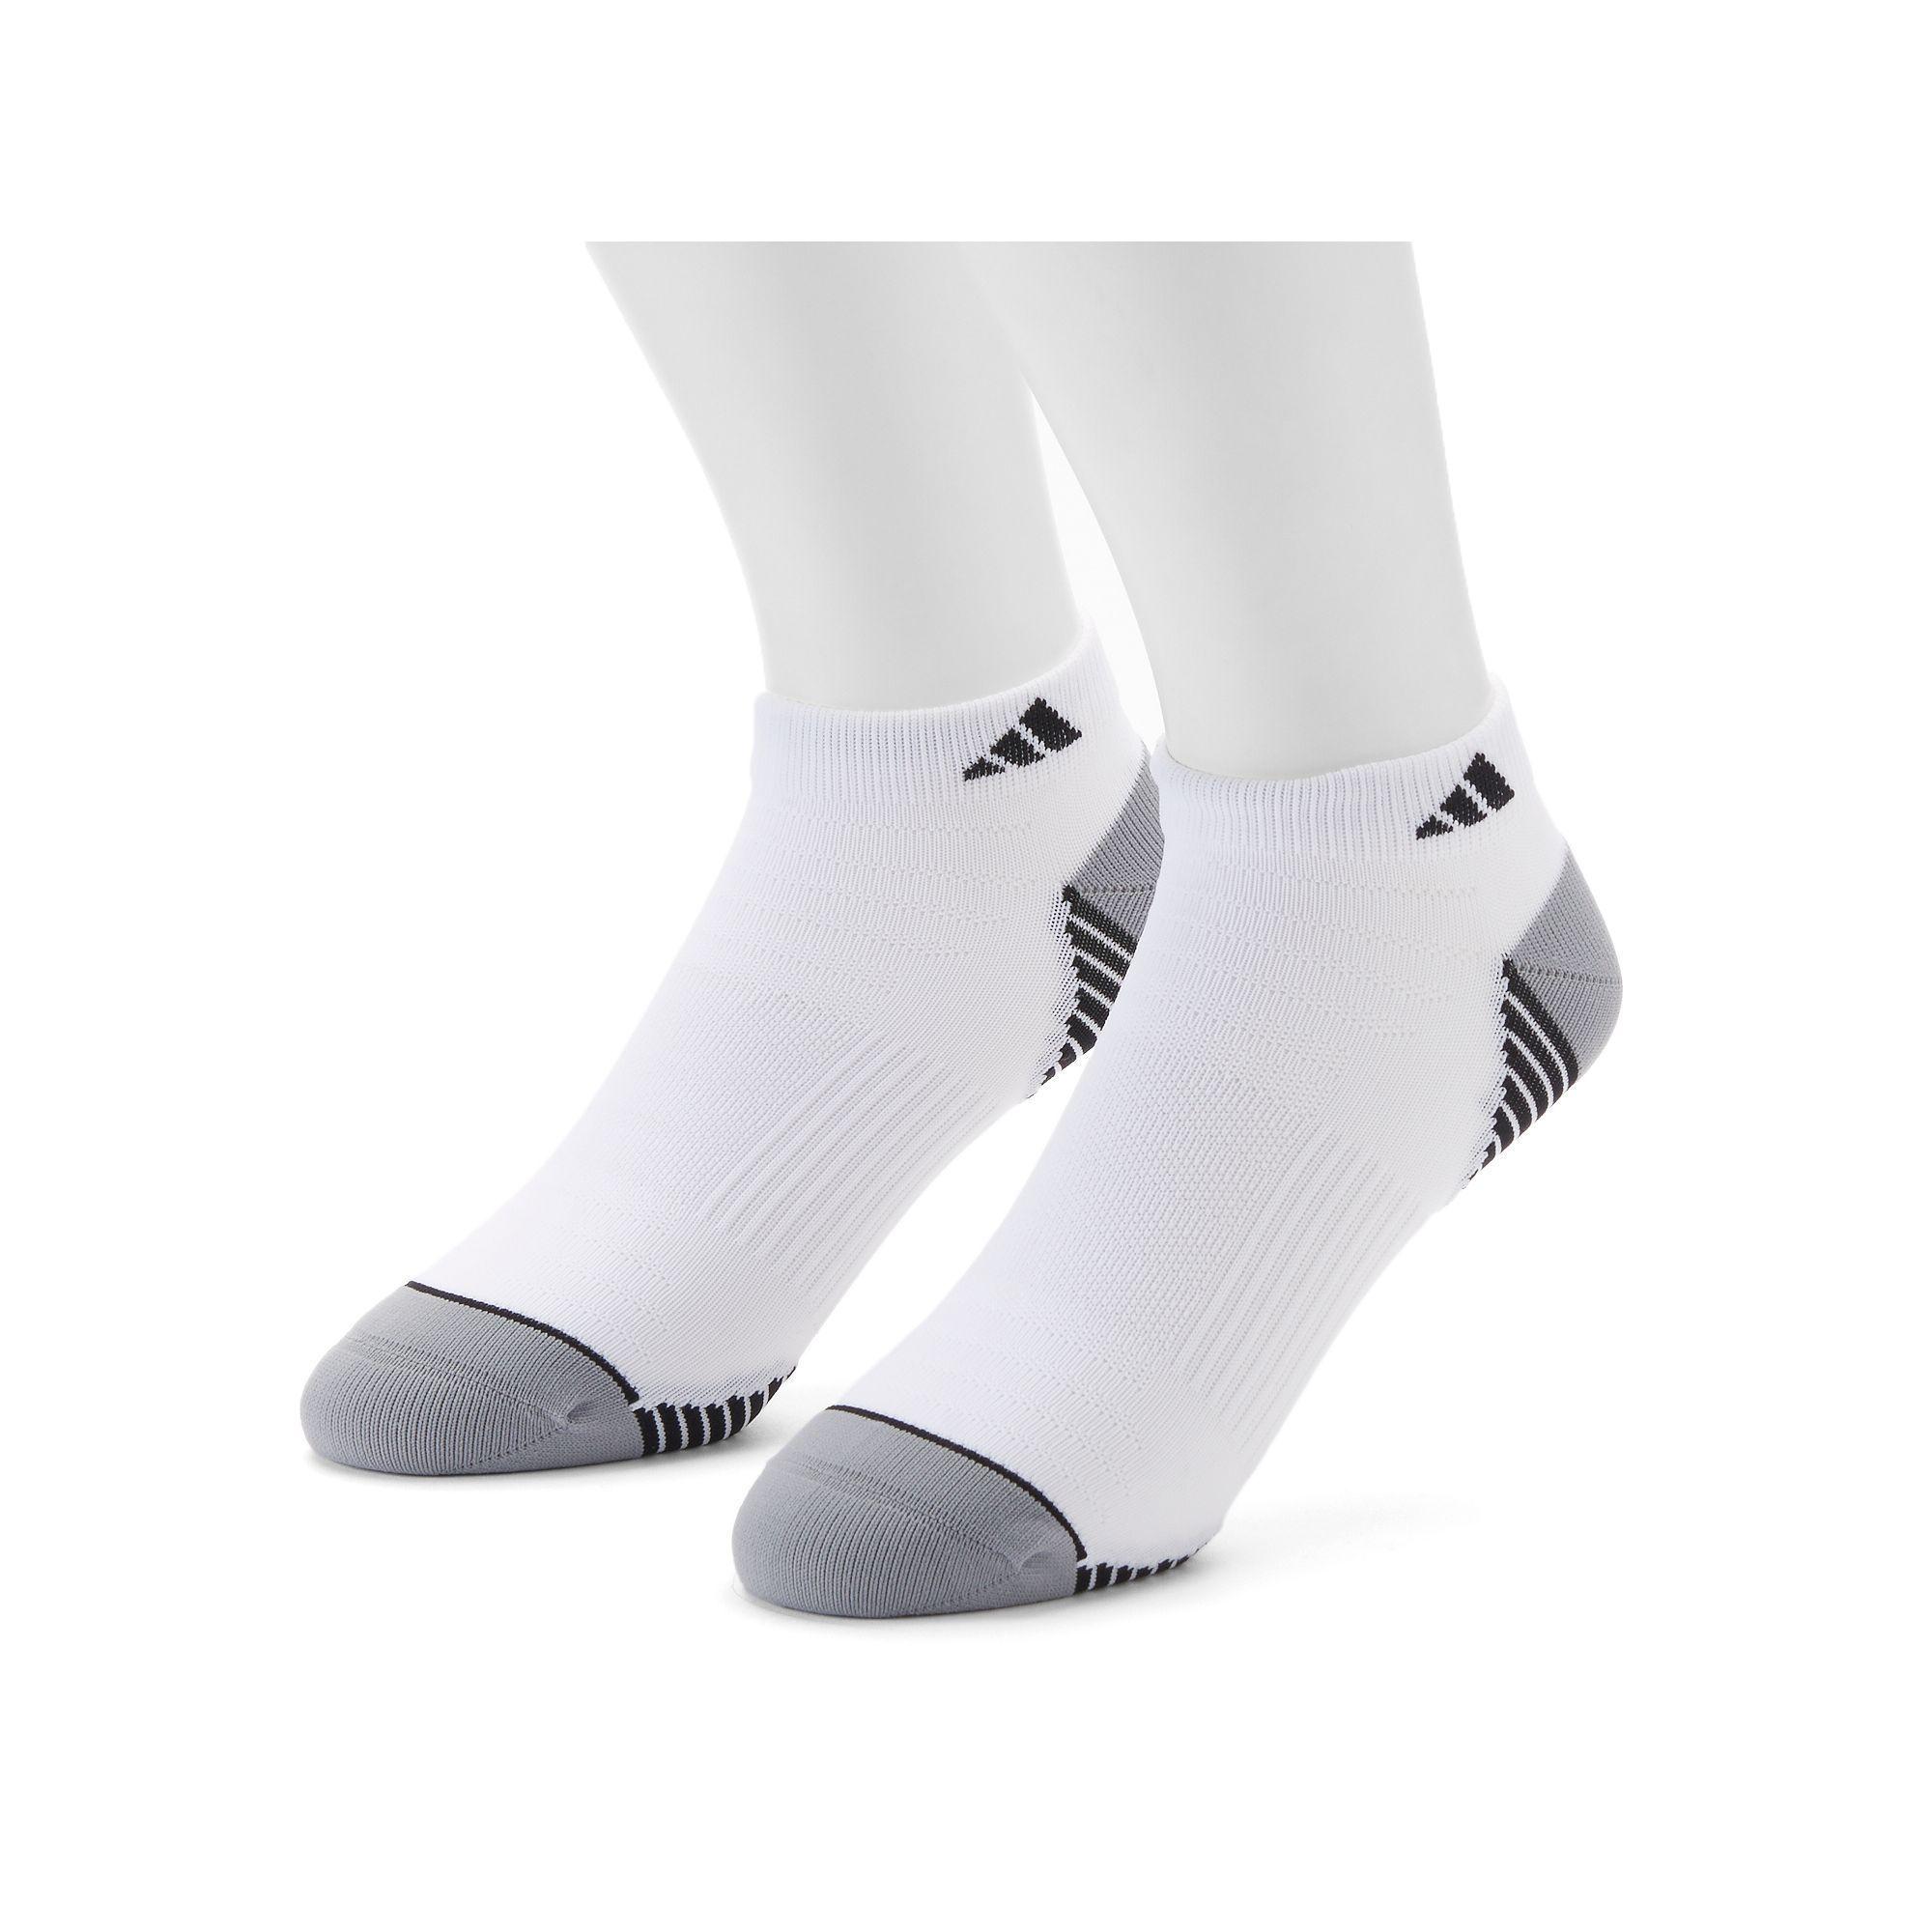 adidas Mens Superlite No Show Socks 2-pack